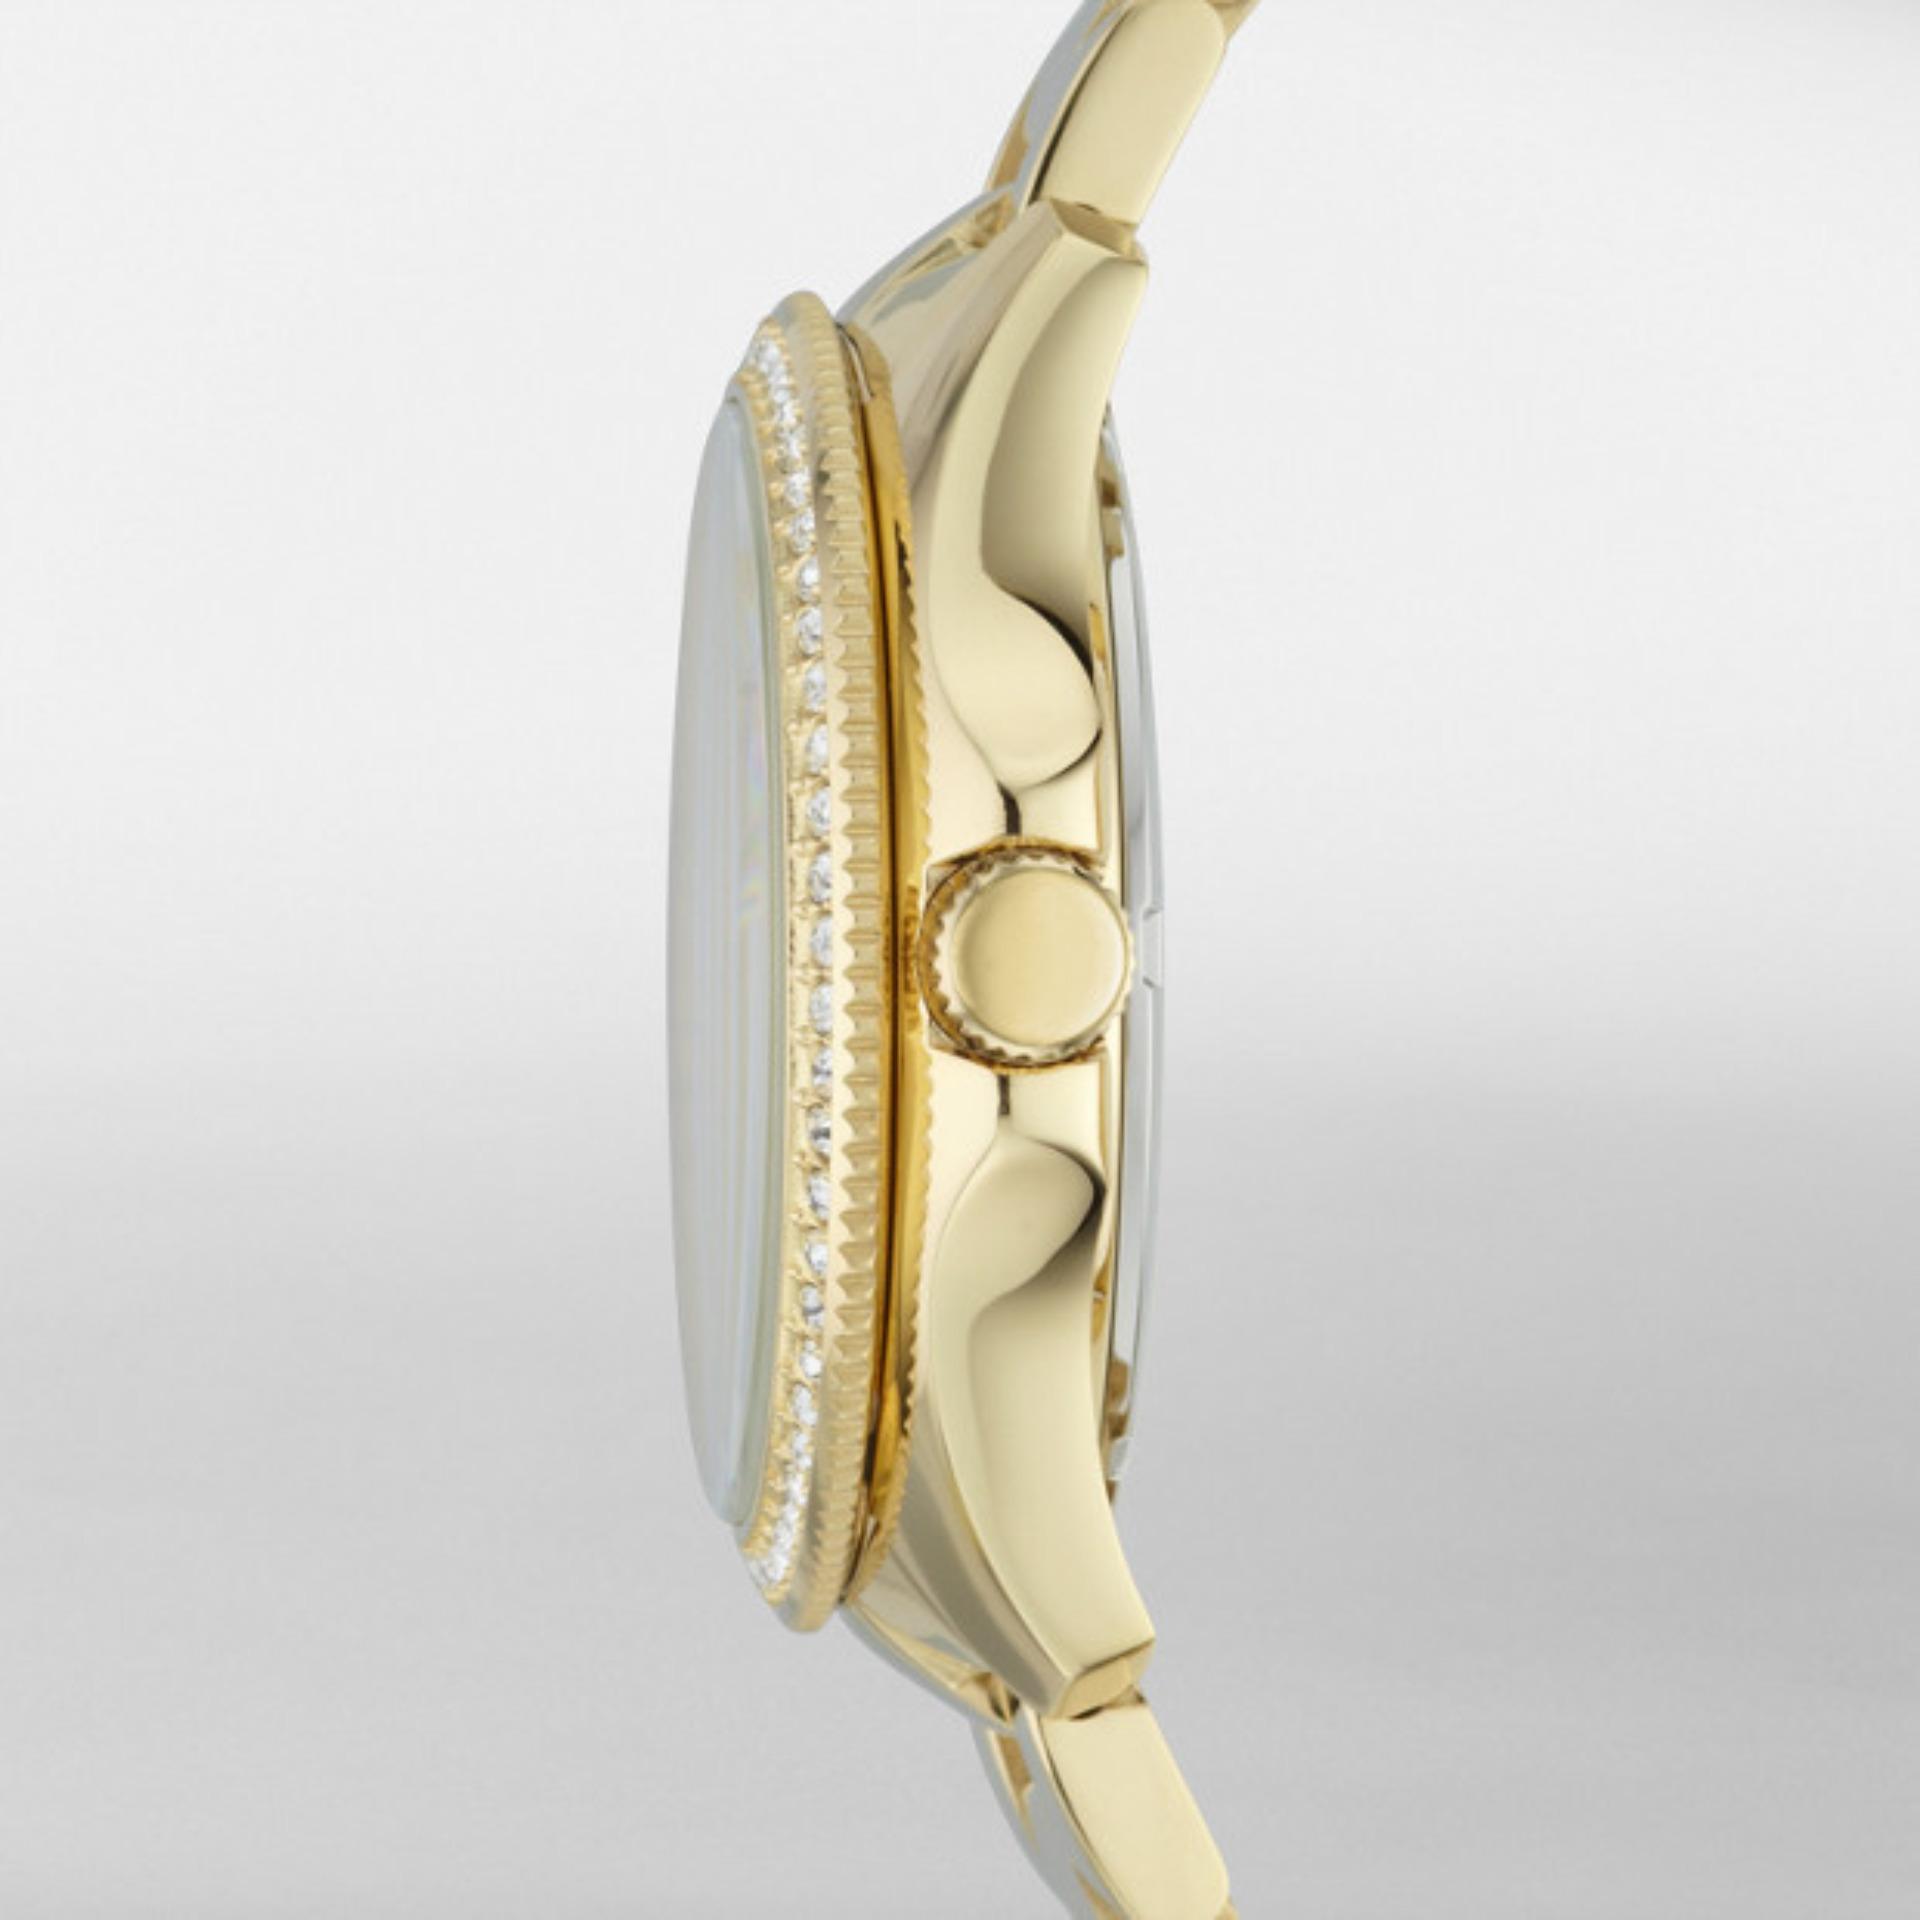 Fossil Cecile Jam Tangan Wanita Putih Kombinasi Rosegold Tali Kulit Am4632 Original Am4482